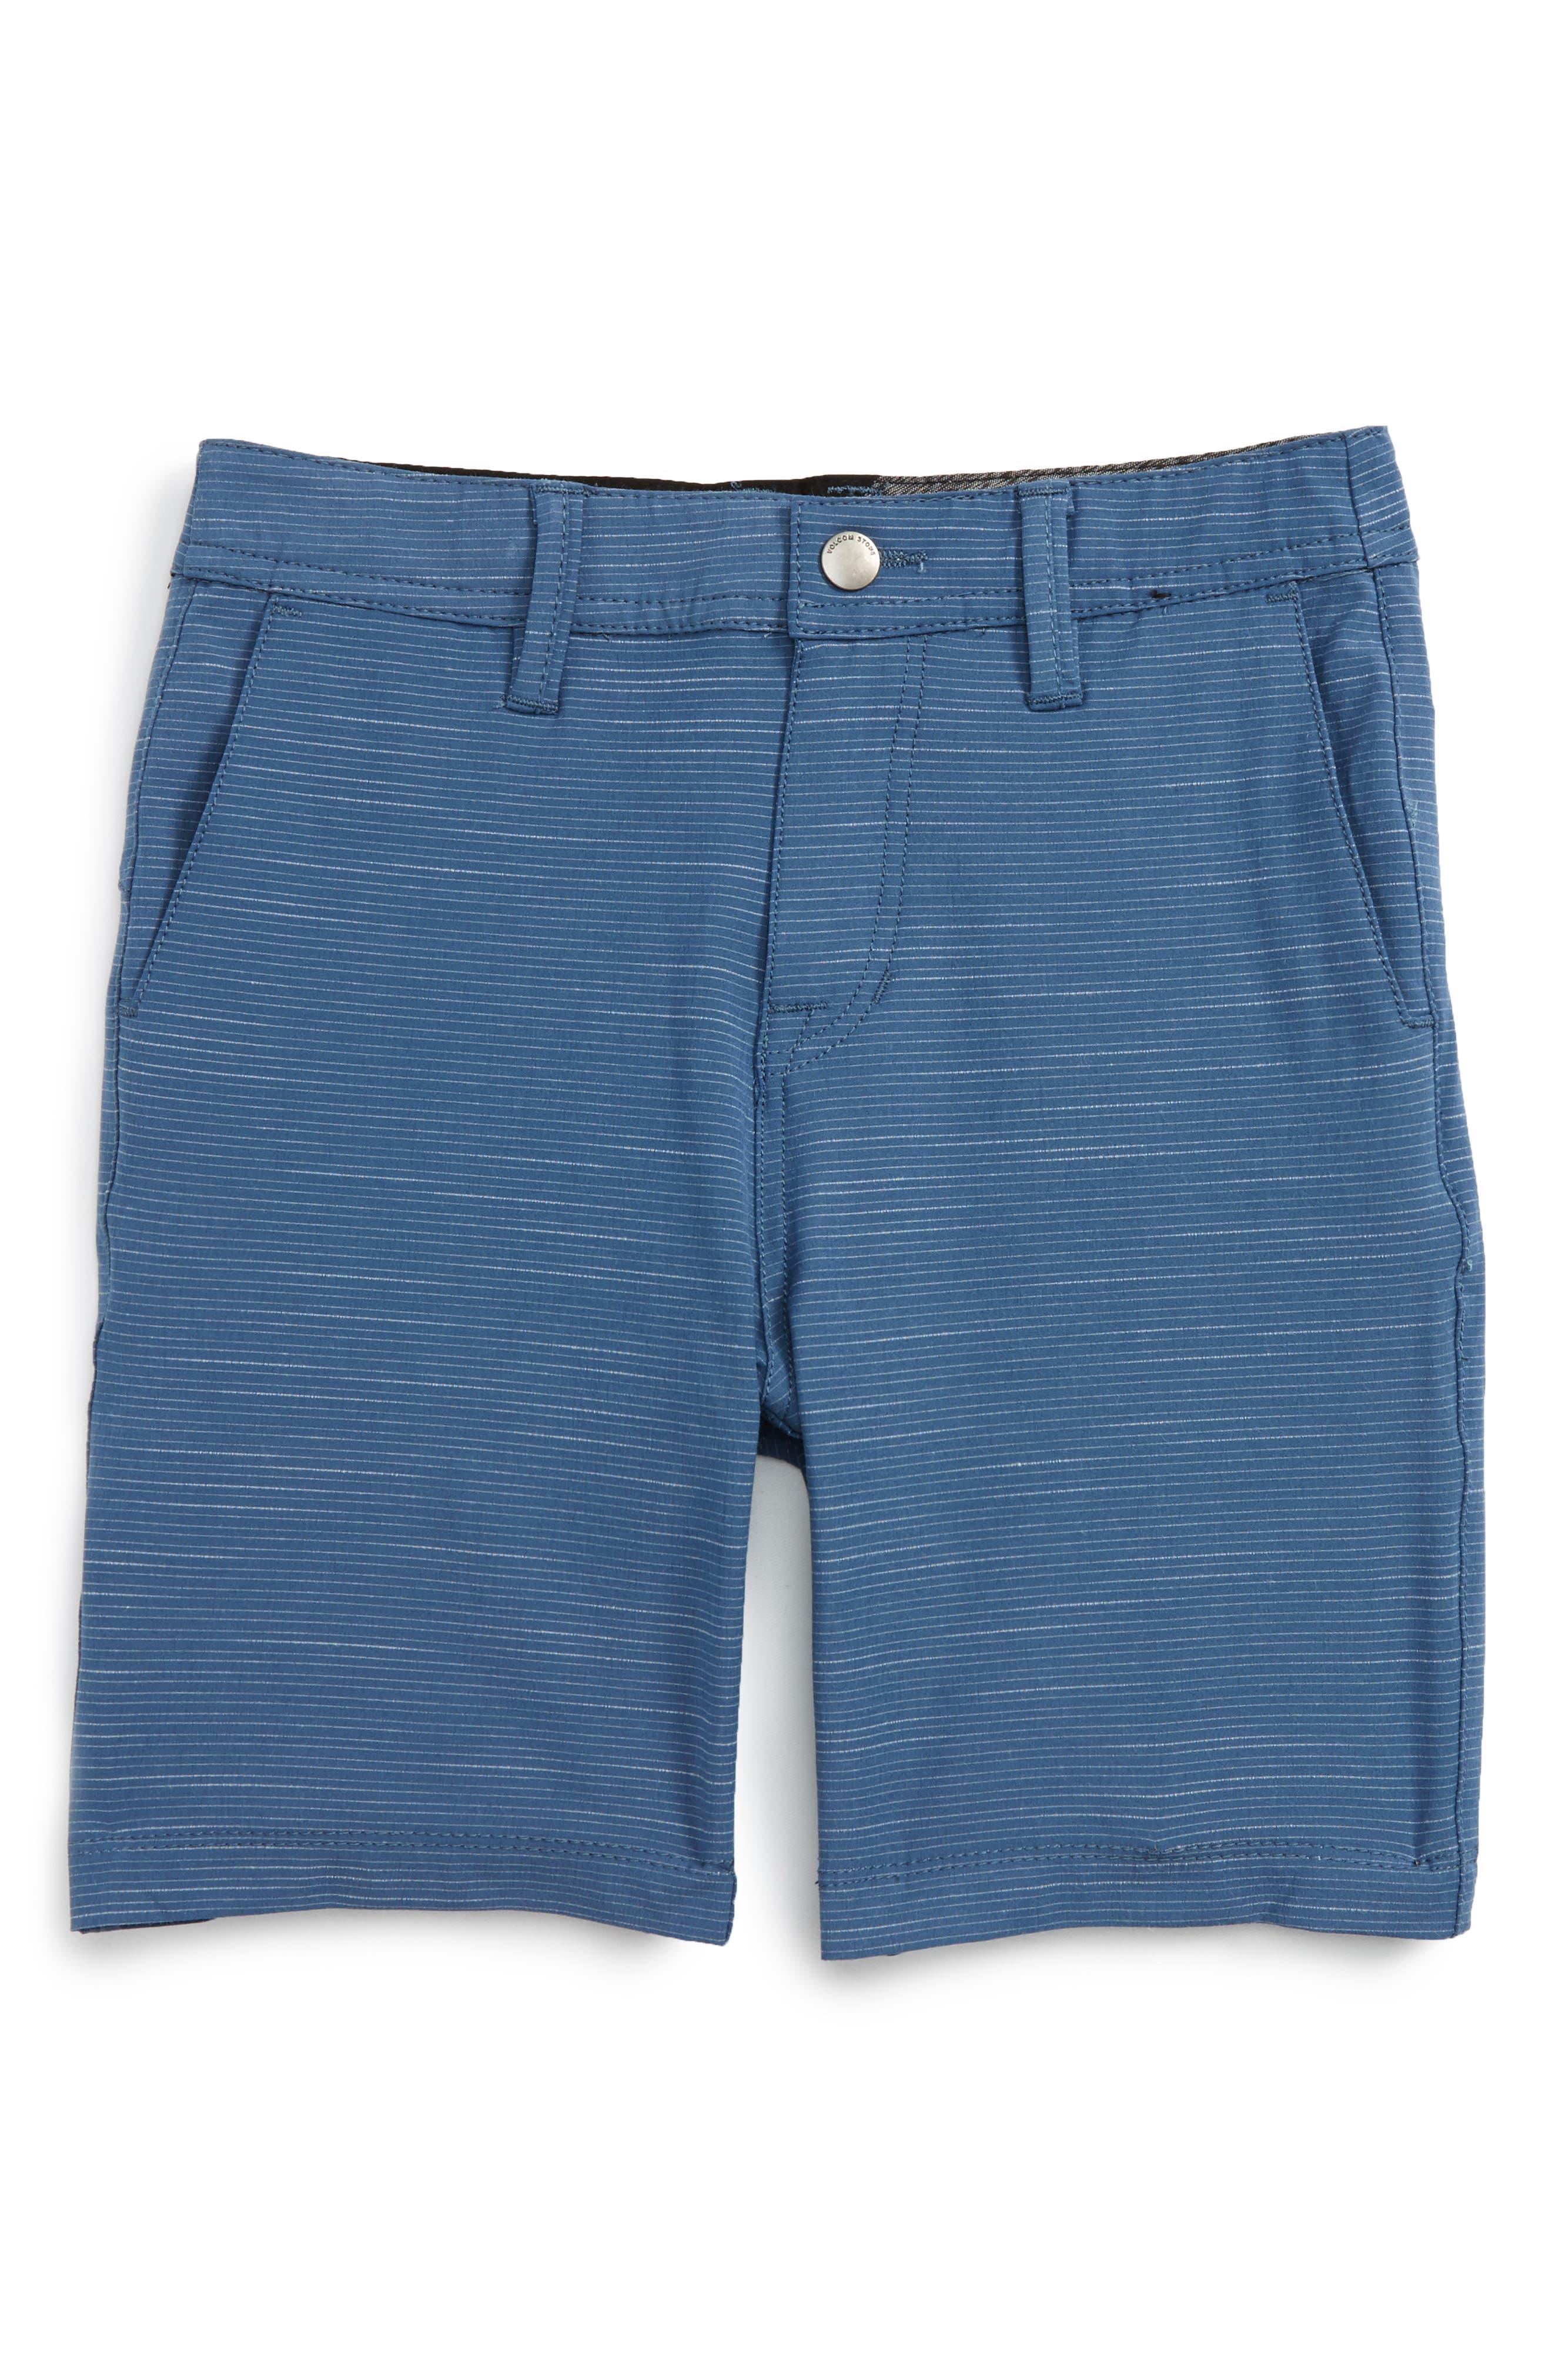 Alternate Image 1 Selected - Volcom Surf N' Turf Hybrid Shorts (Toddler Boys & Little Boys)